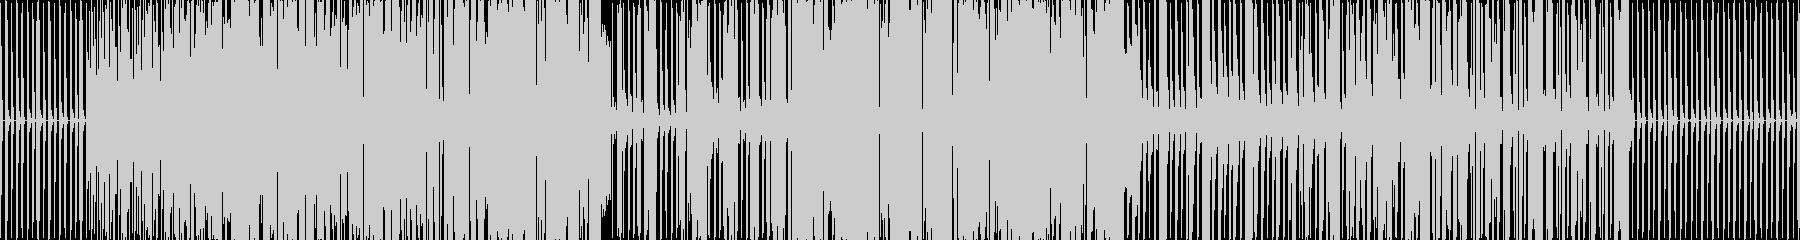 激しい曲ですの未再生の波形